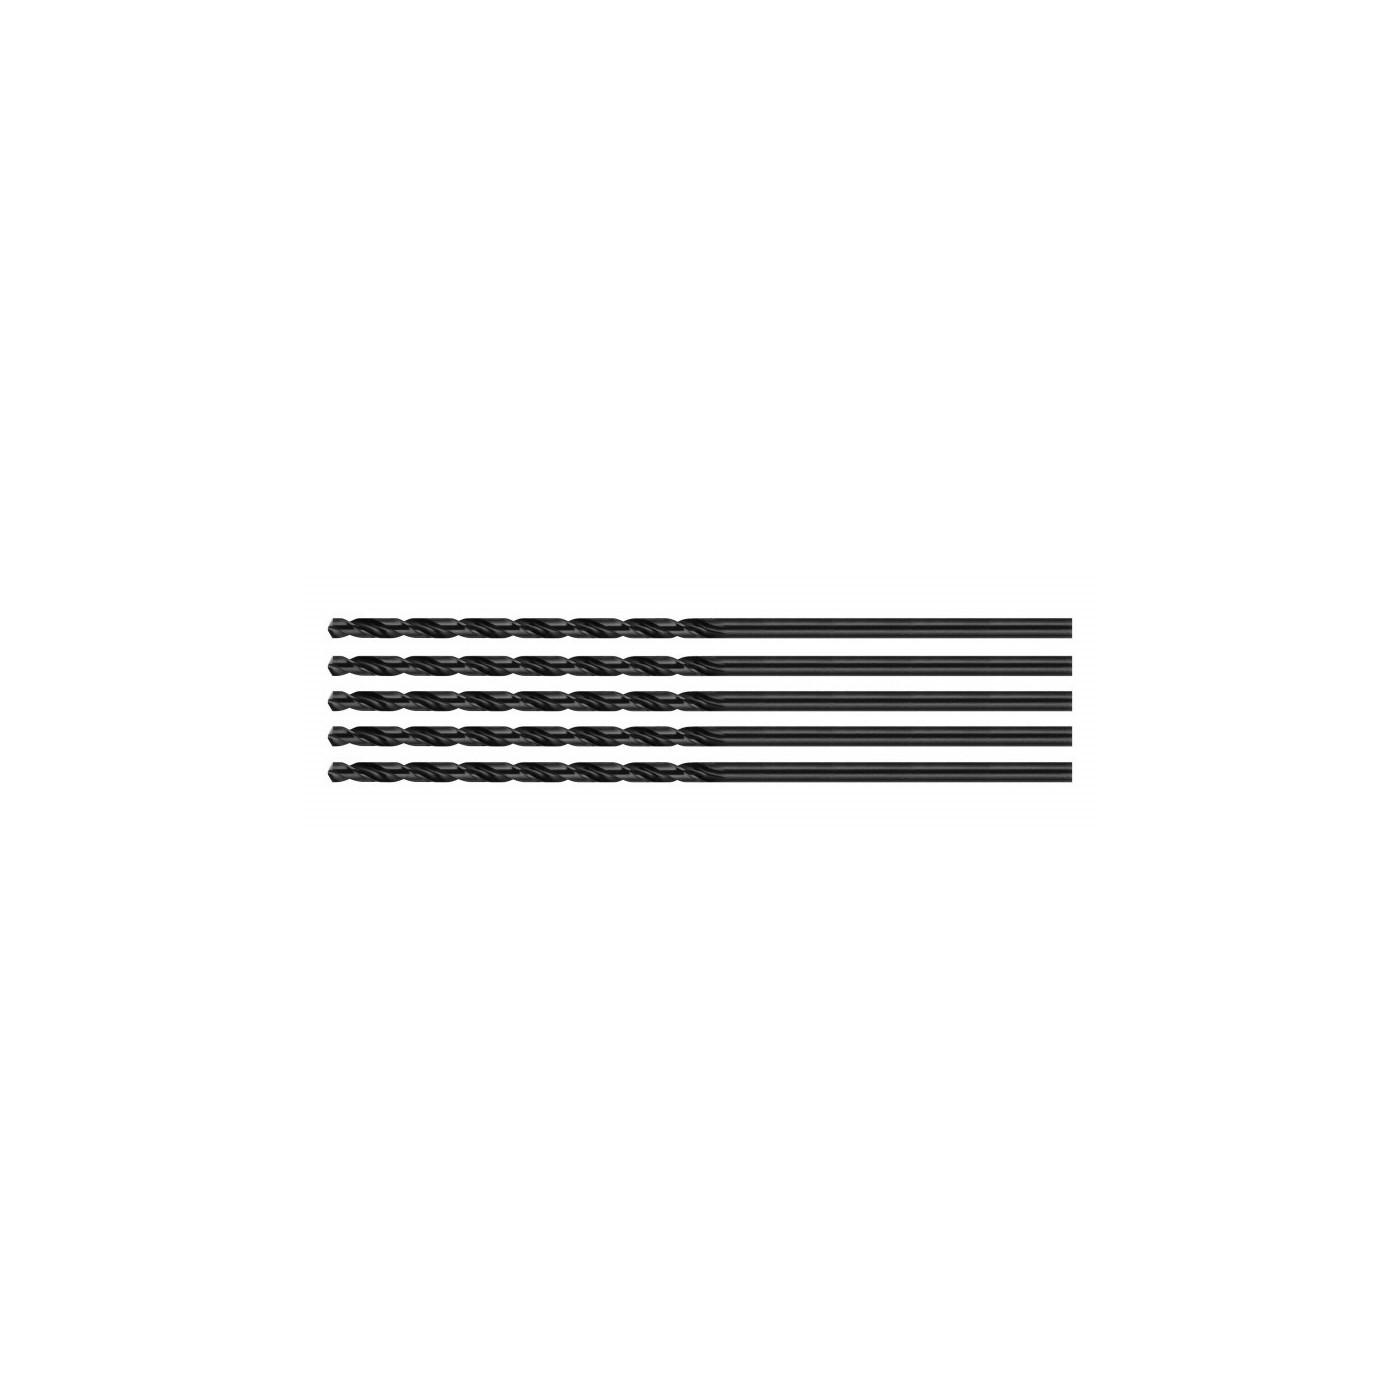 Set van 5 metaalboren (HSS, 4,9x85 mm)